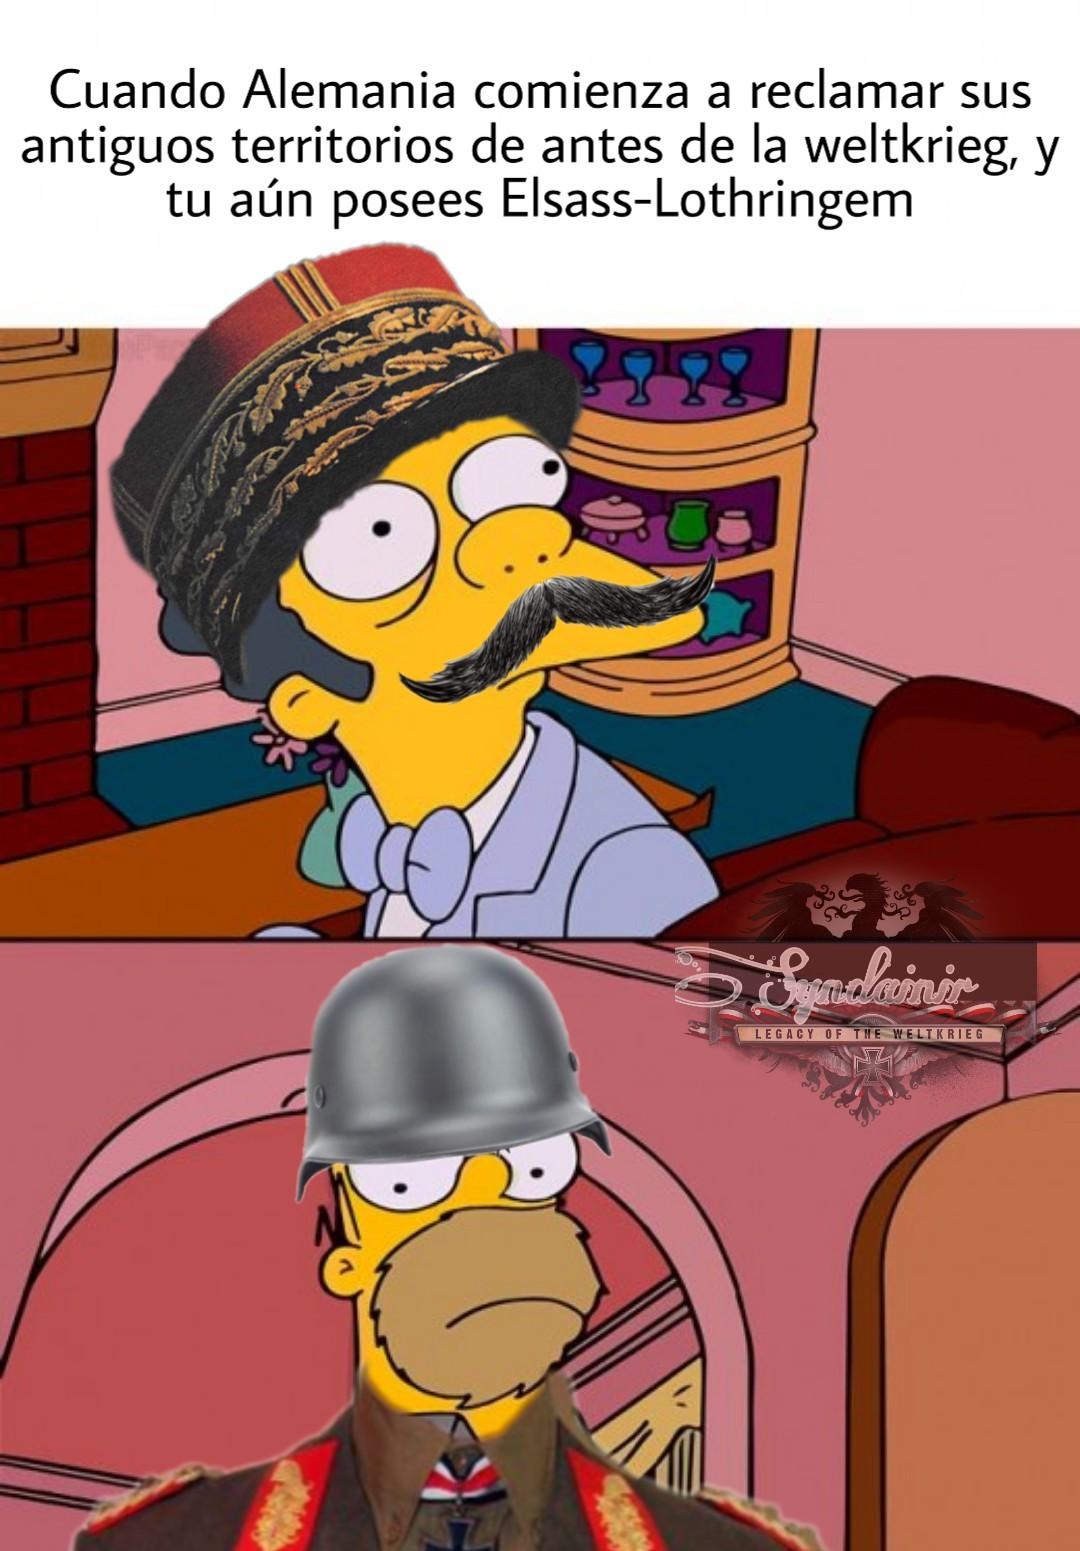 Bltizkrieg. - meme